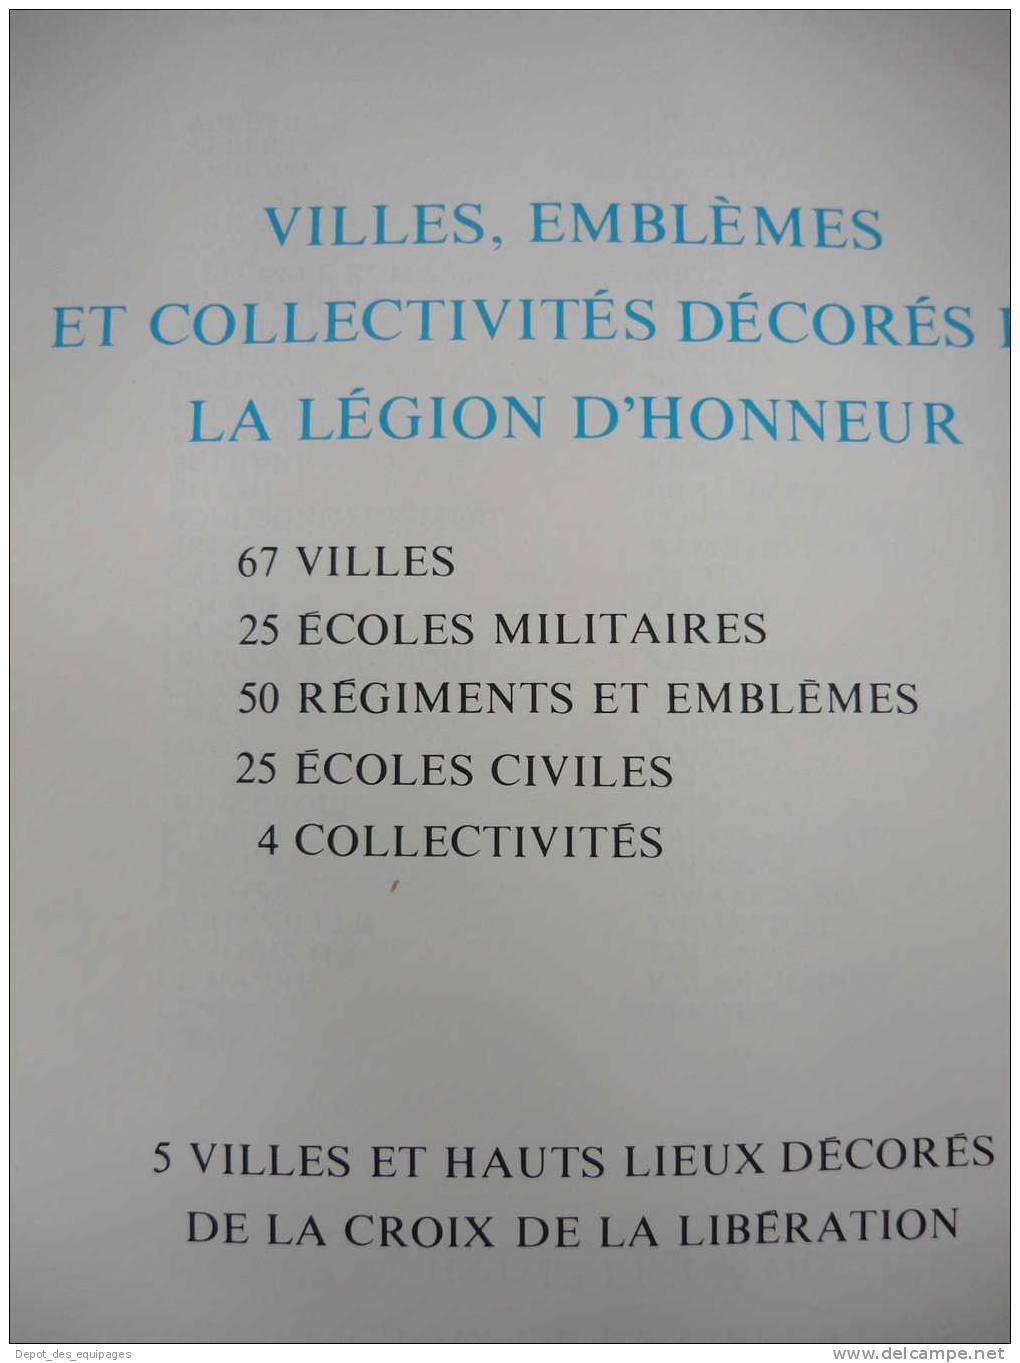 legion d honneur canadian application